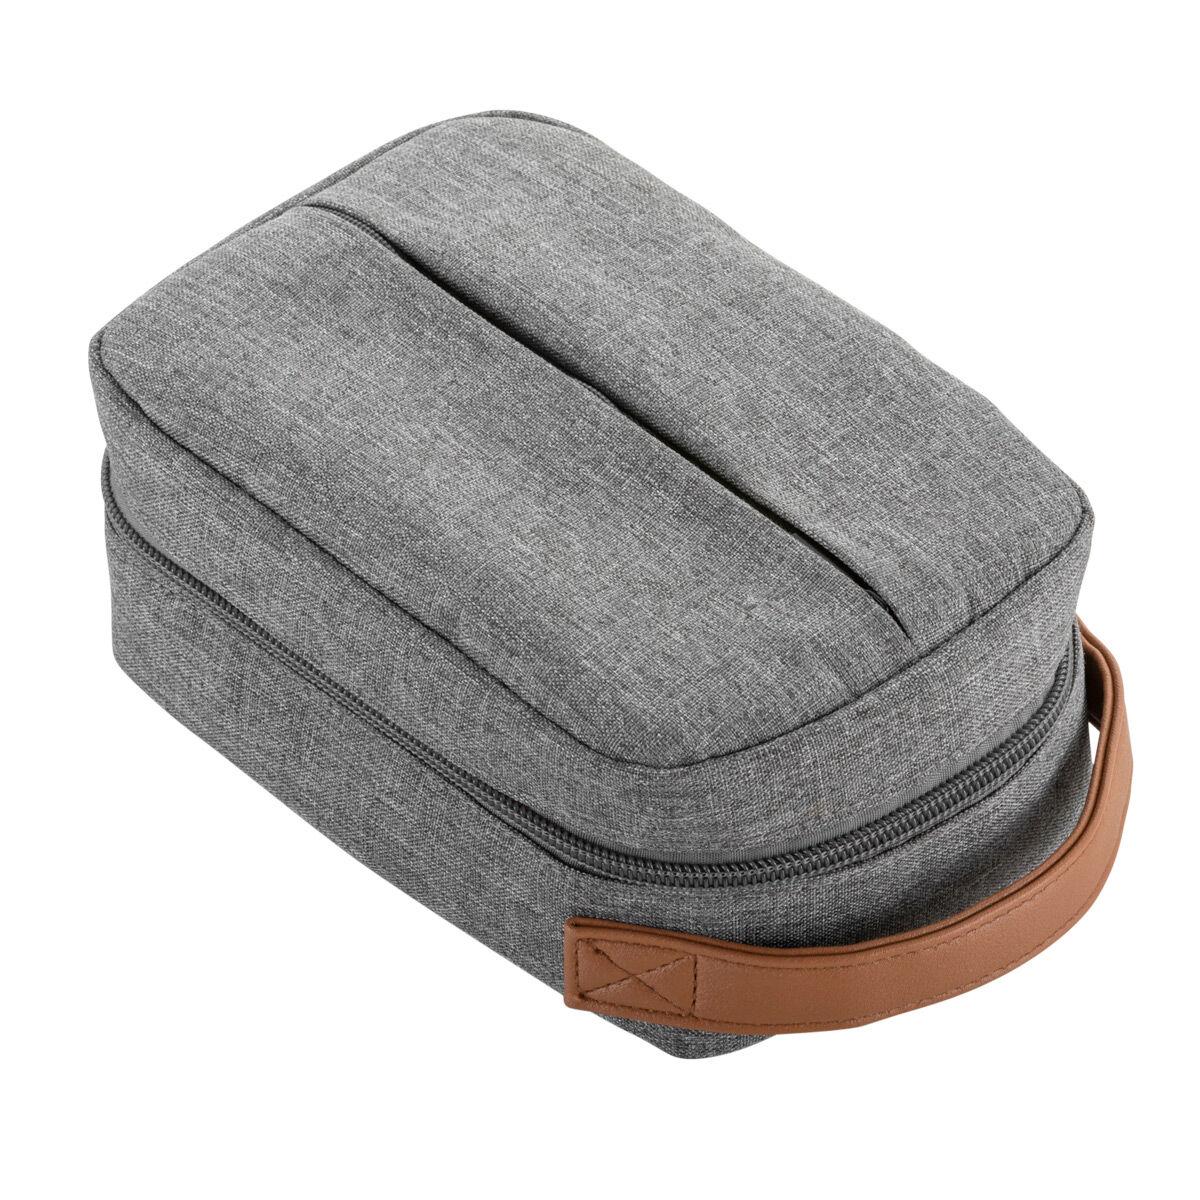 Pocket for Gadgets